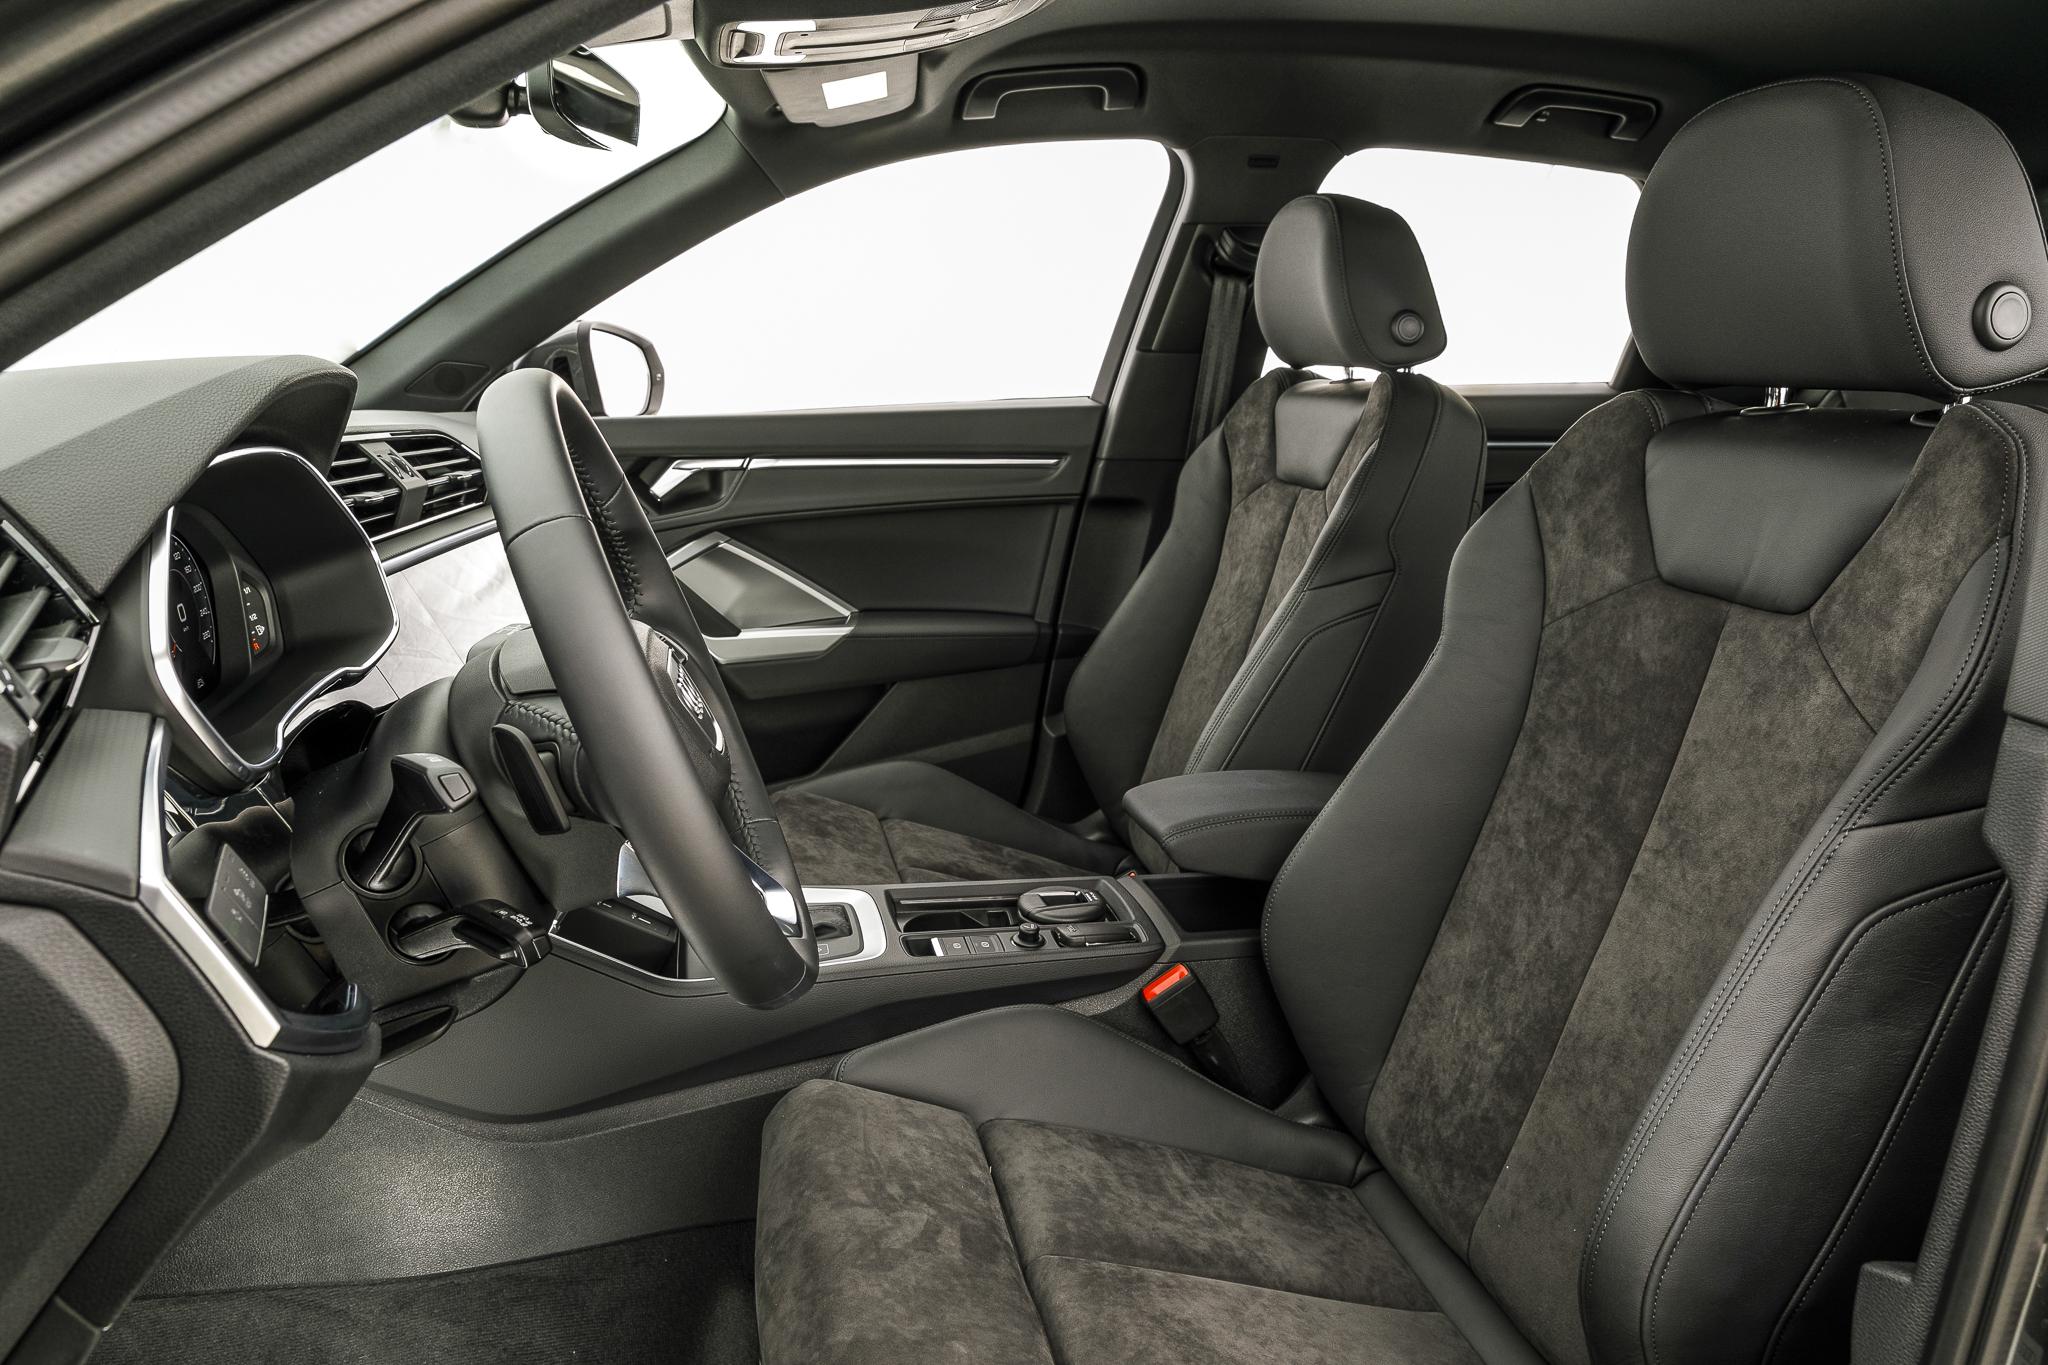 Impressoes Novo Audi Q3 E Quase Tao Legal De Dirigir Quanto Um Seda Quatro Rodas